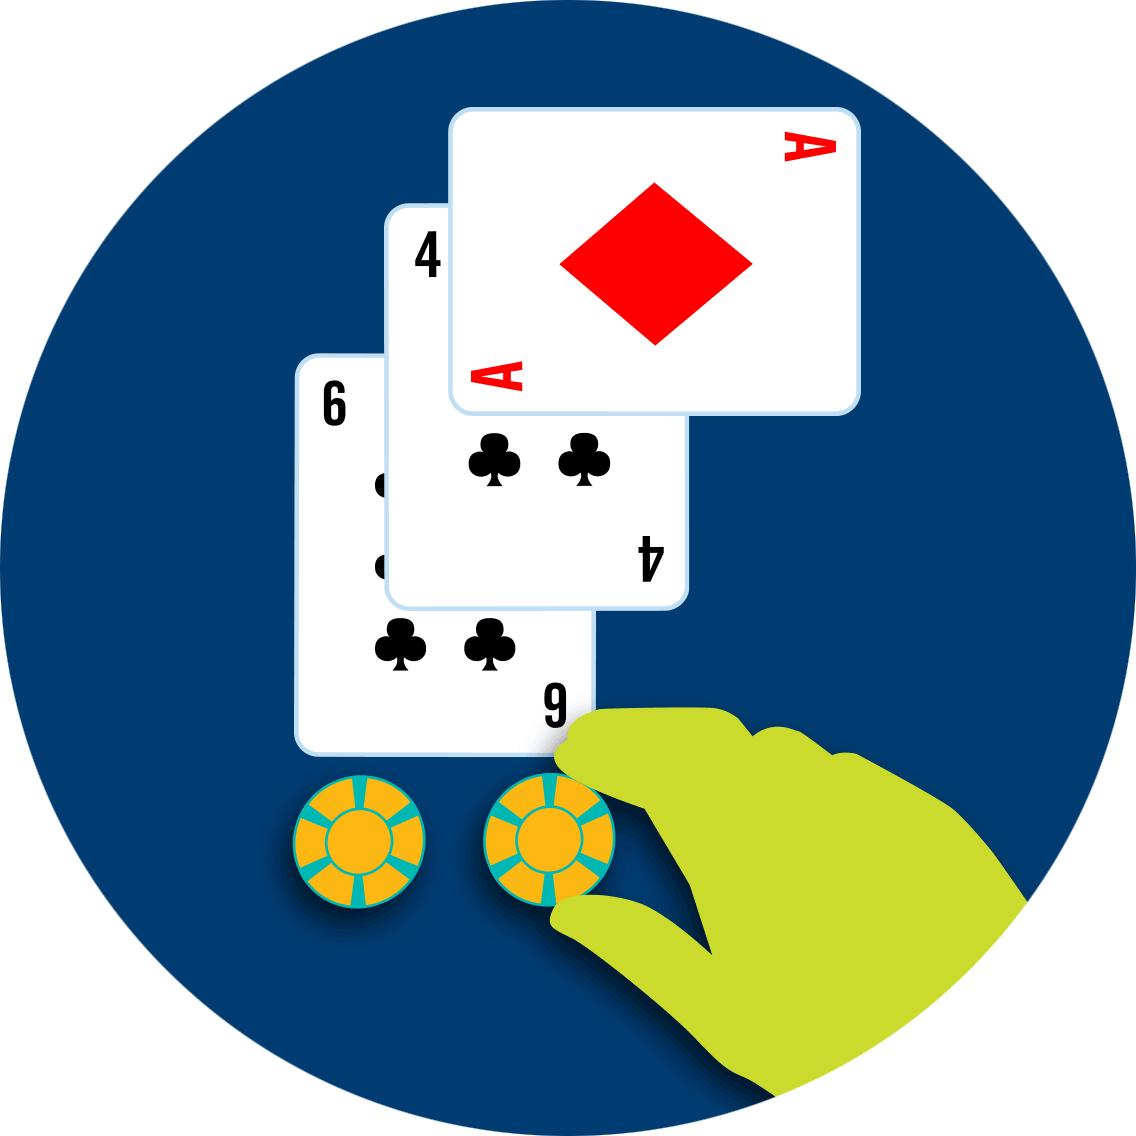 一叠筹码被放在桌上,双倍下注于第三张牌的方块A。